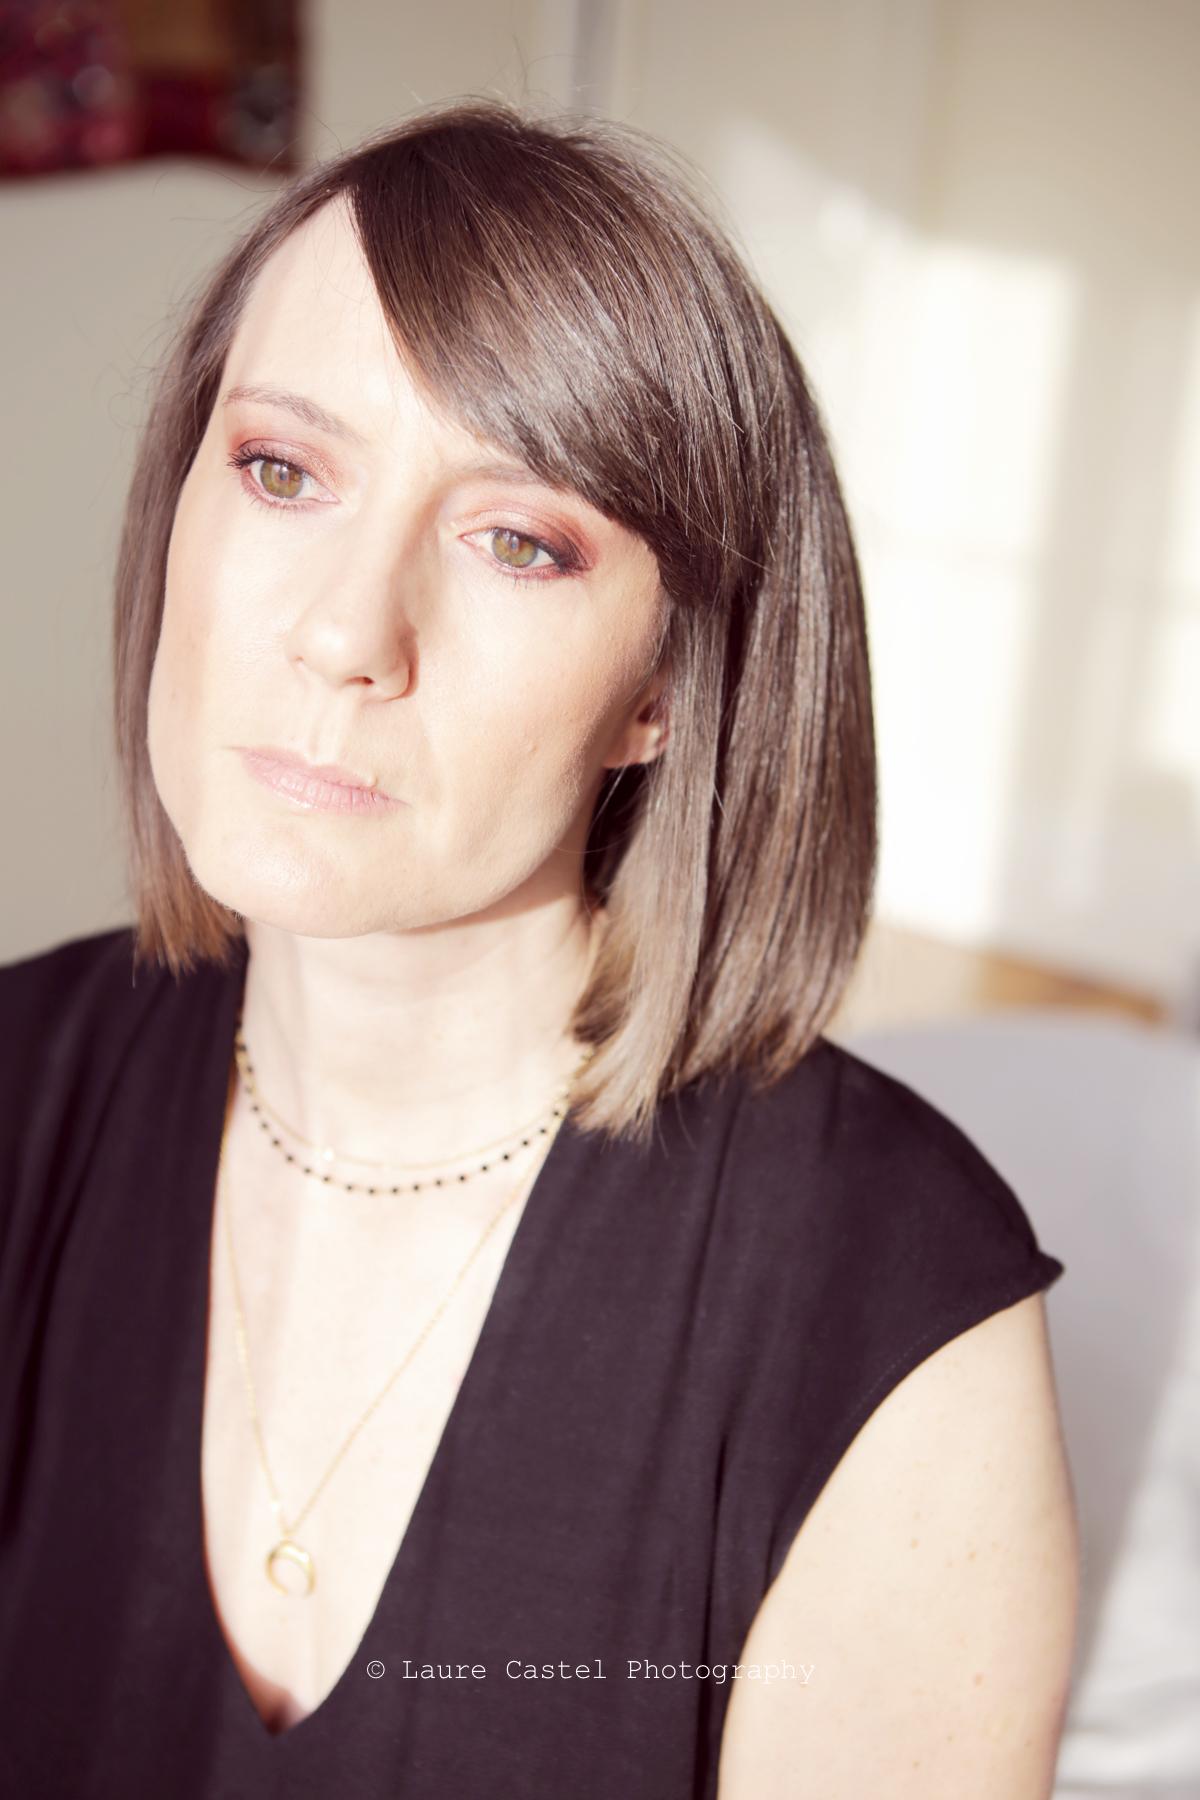 Maquillage avec The Burgundy Bar de Gemey Maybelline | Les Petits Riens